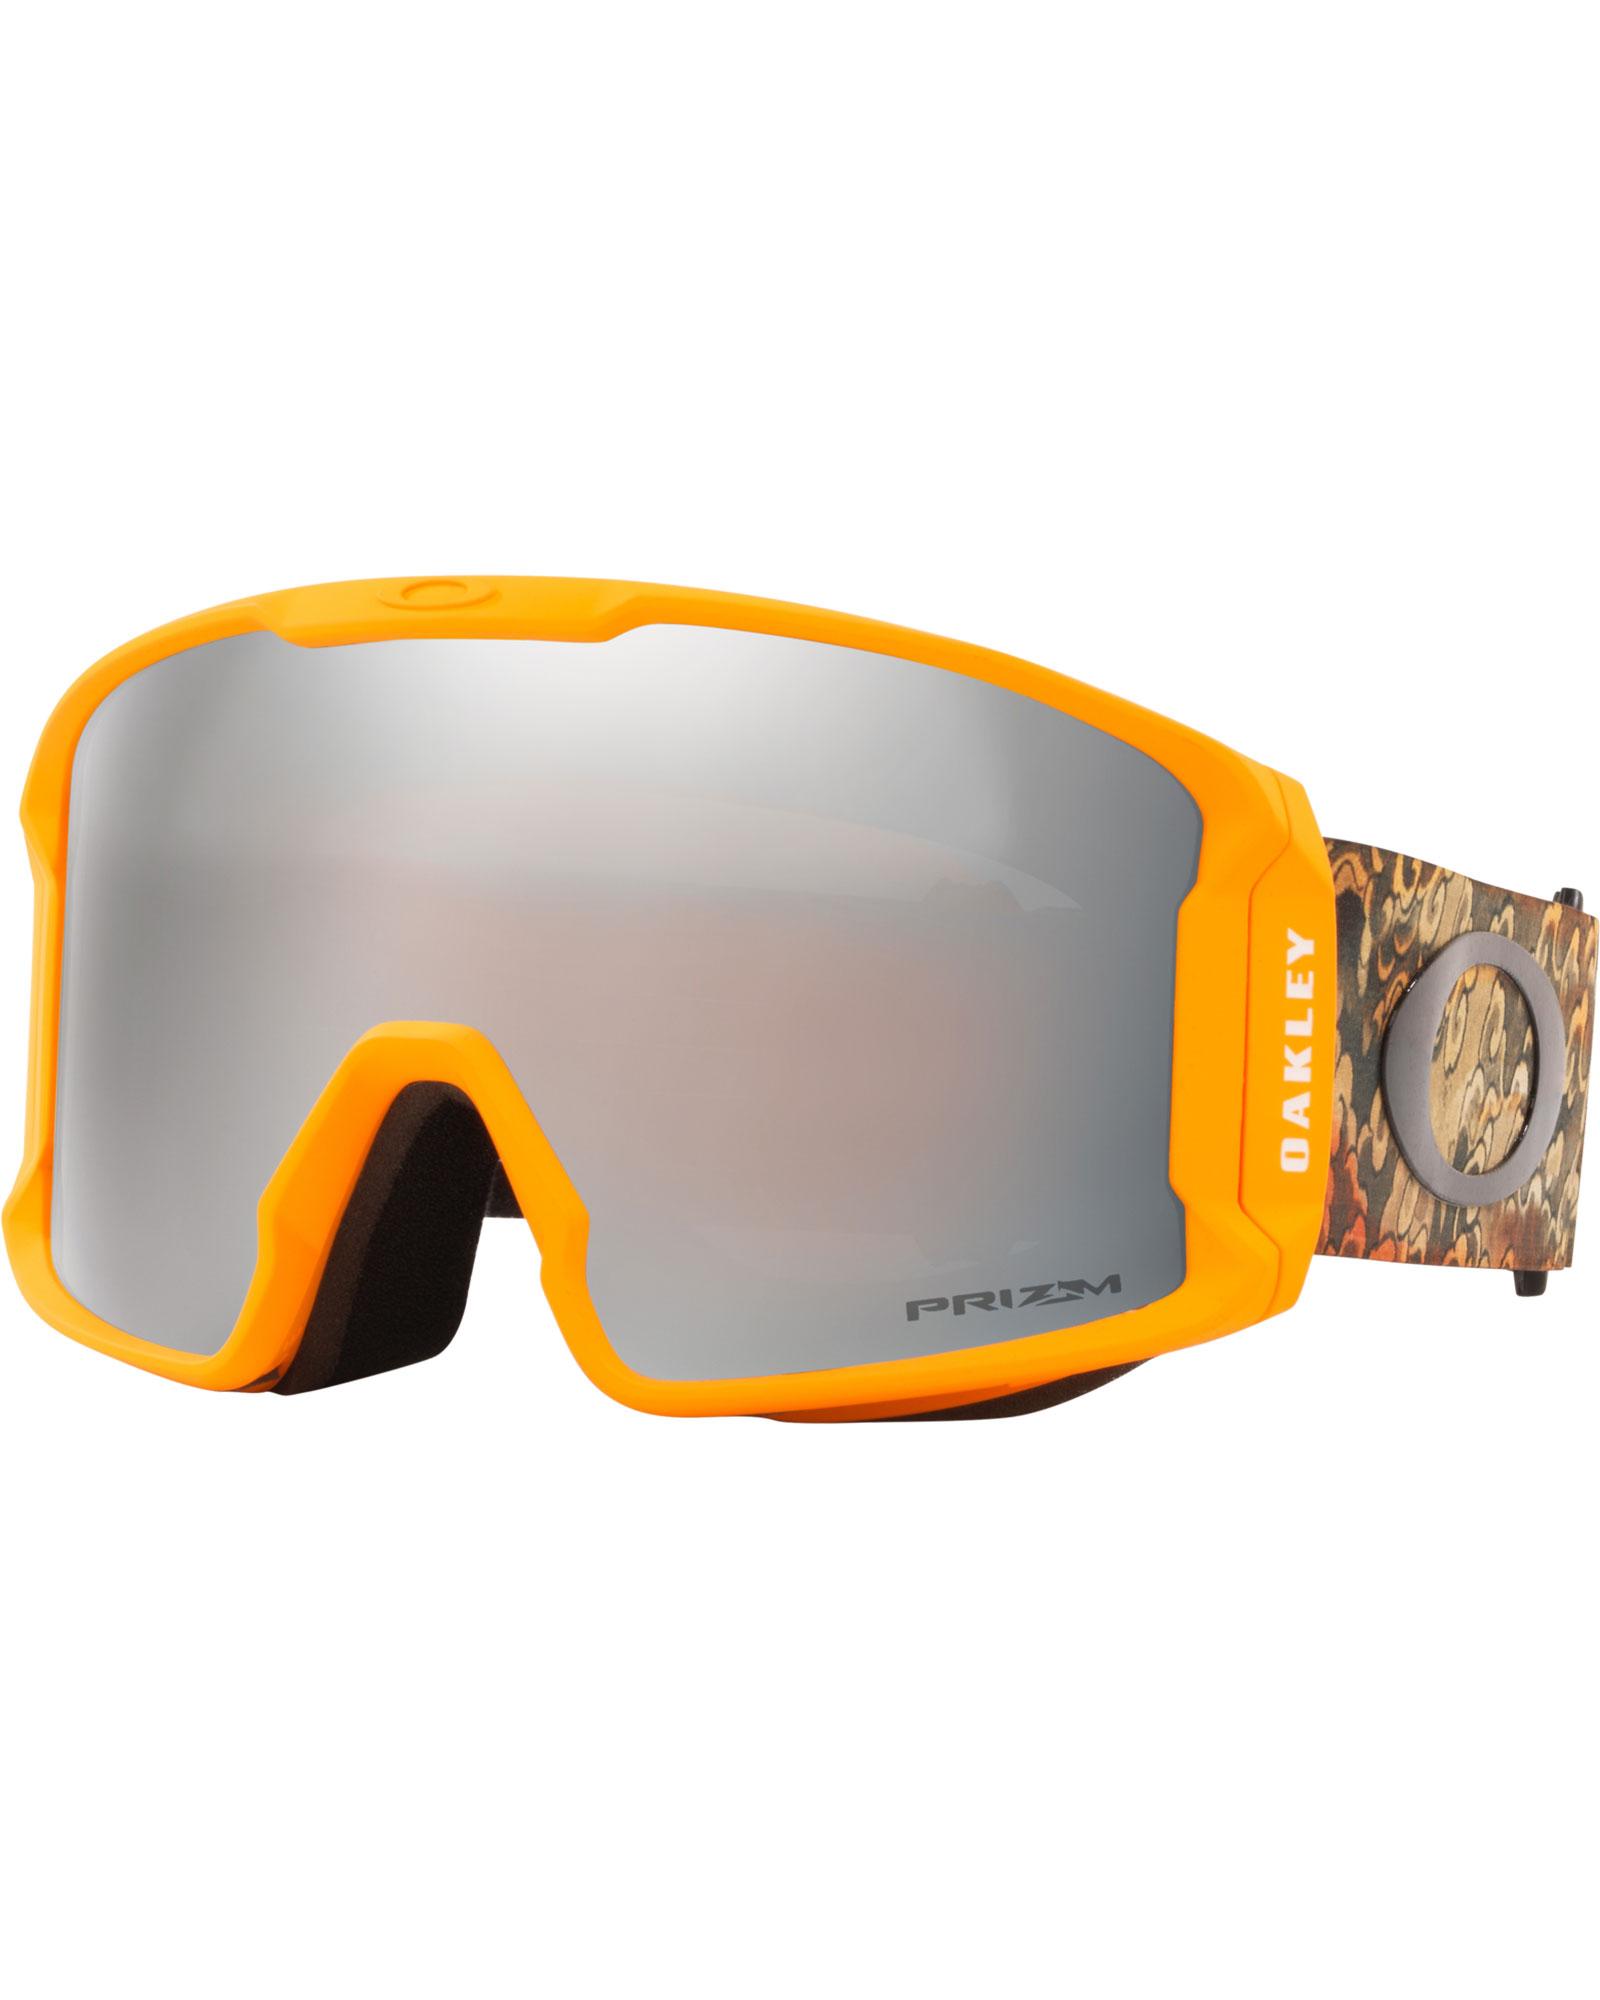 Oakley Line Miner XL Kazu SIG KamiKazu Derma Orange / Prizm Black Iridium Goggles 2020 / 2021 0